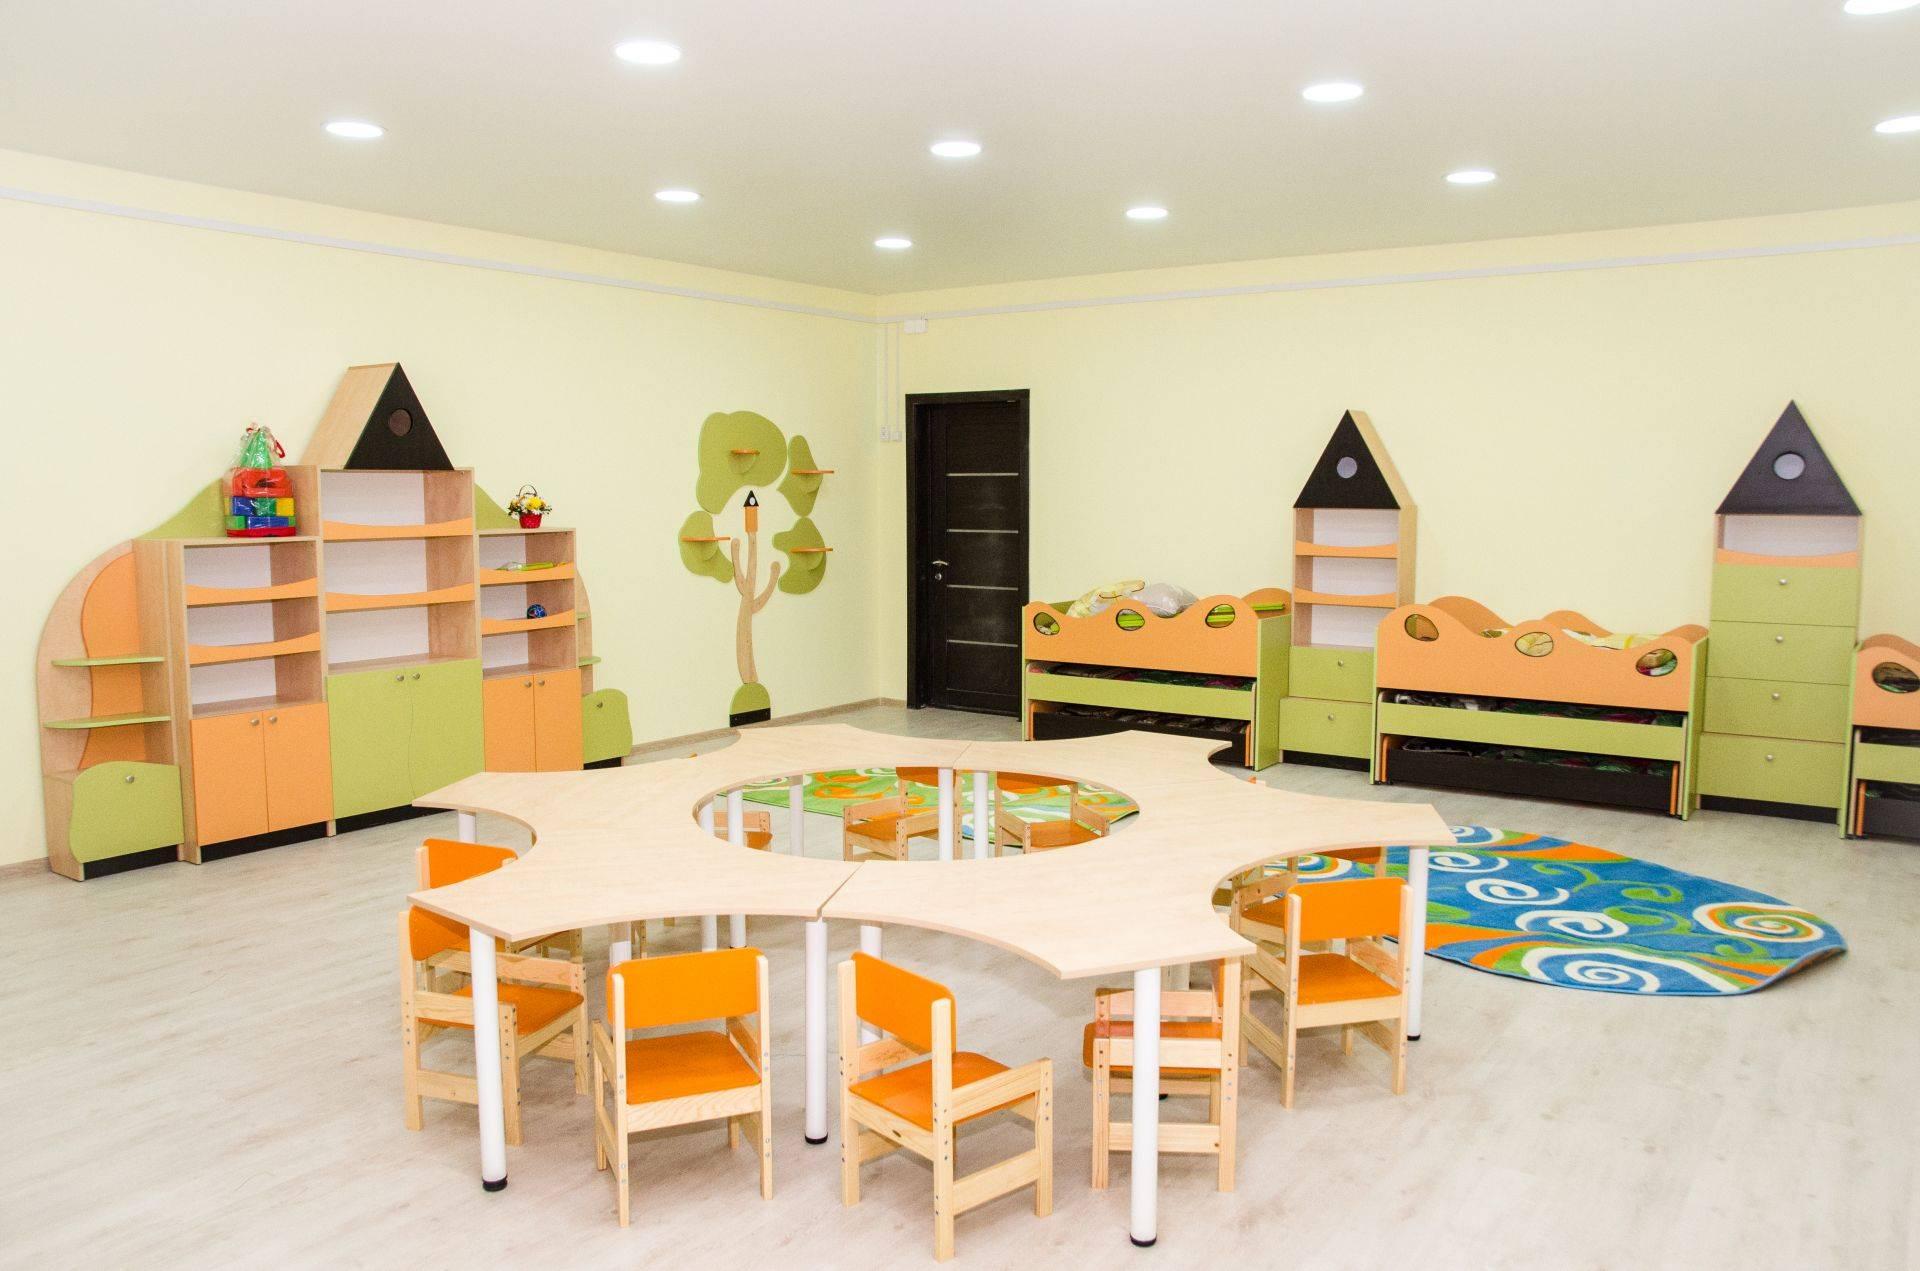 Государственные и частные детские сады в польше: сколько стоит